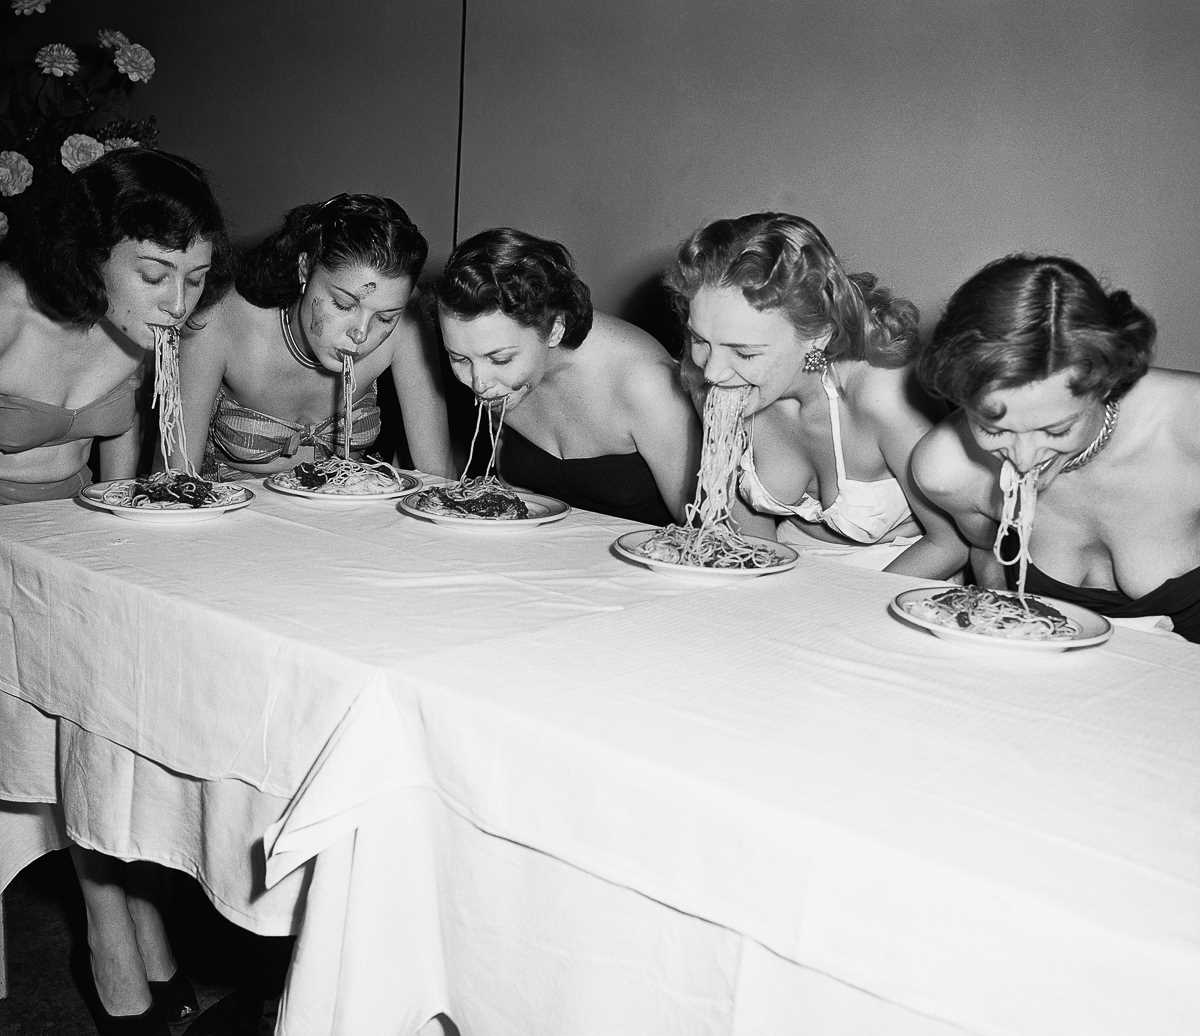 конкурсы по скоростному поеданию пищи